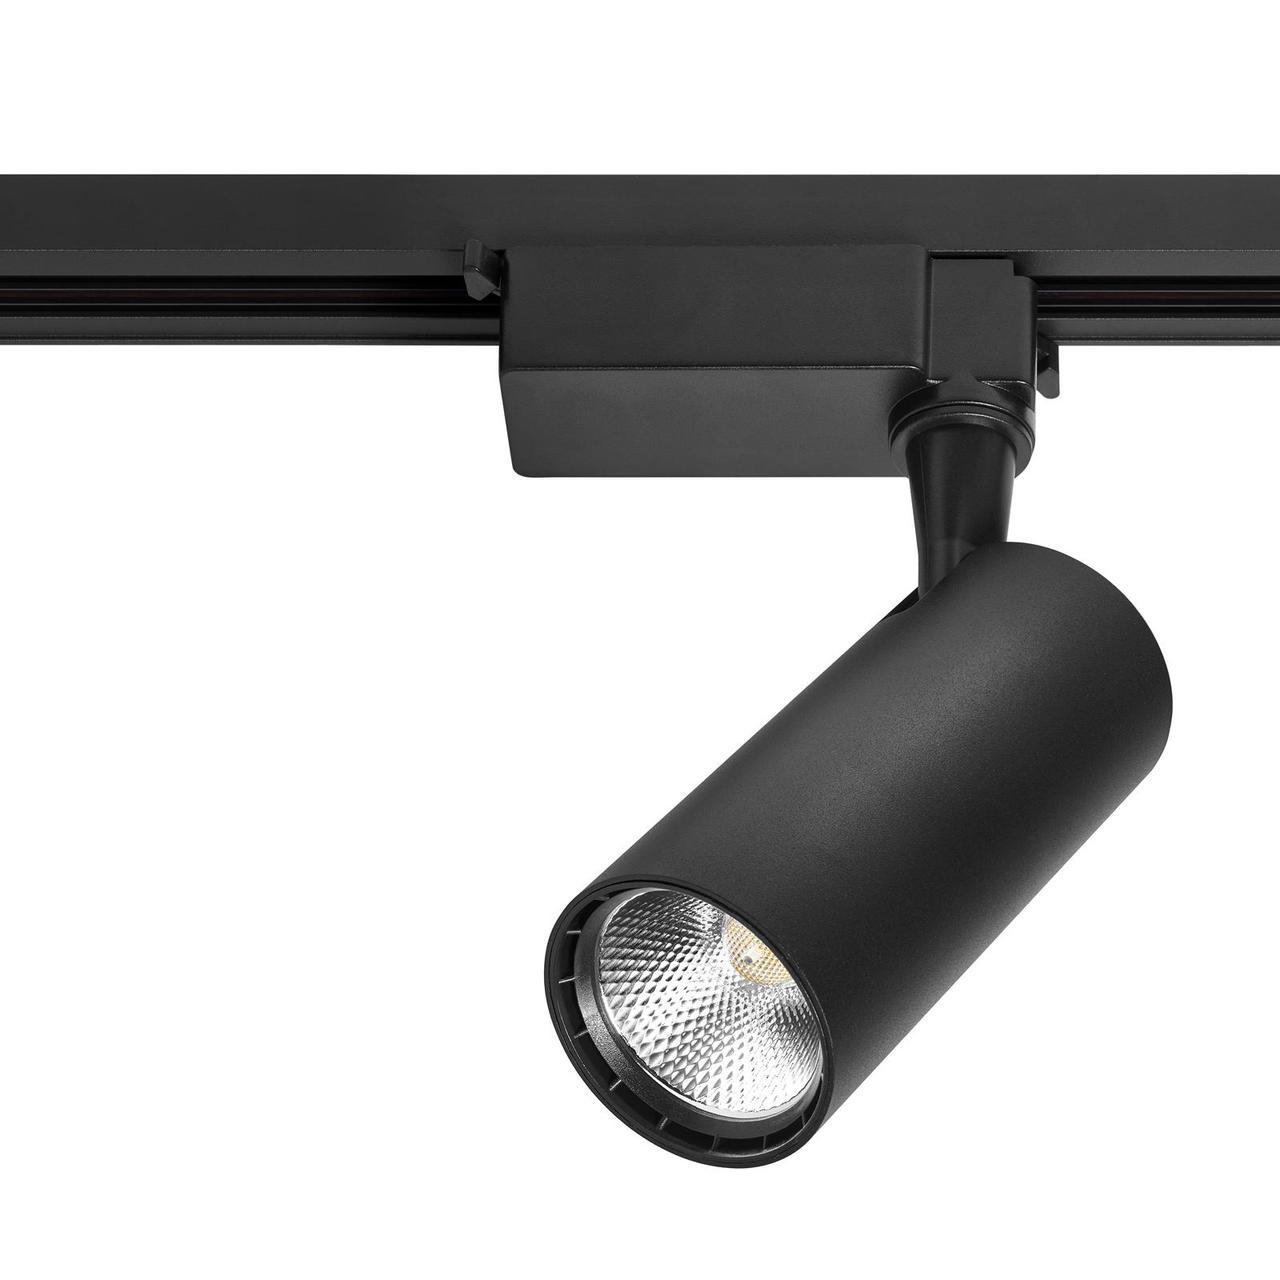 Лед прожектор трековый DELUX TL07 10 Вт  36°  4000K  черный